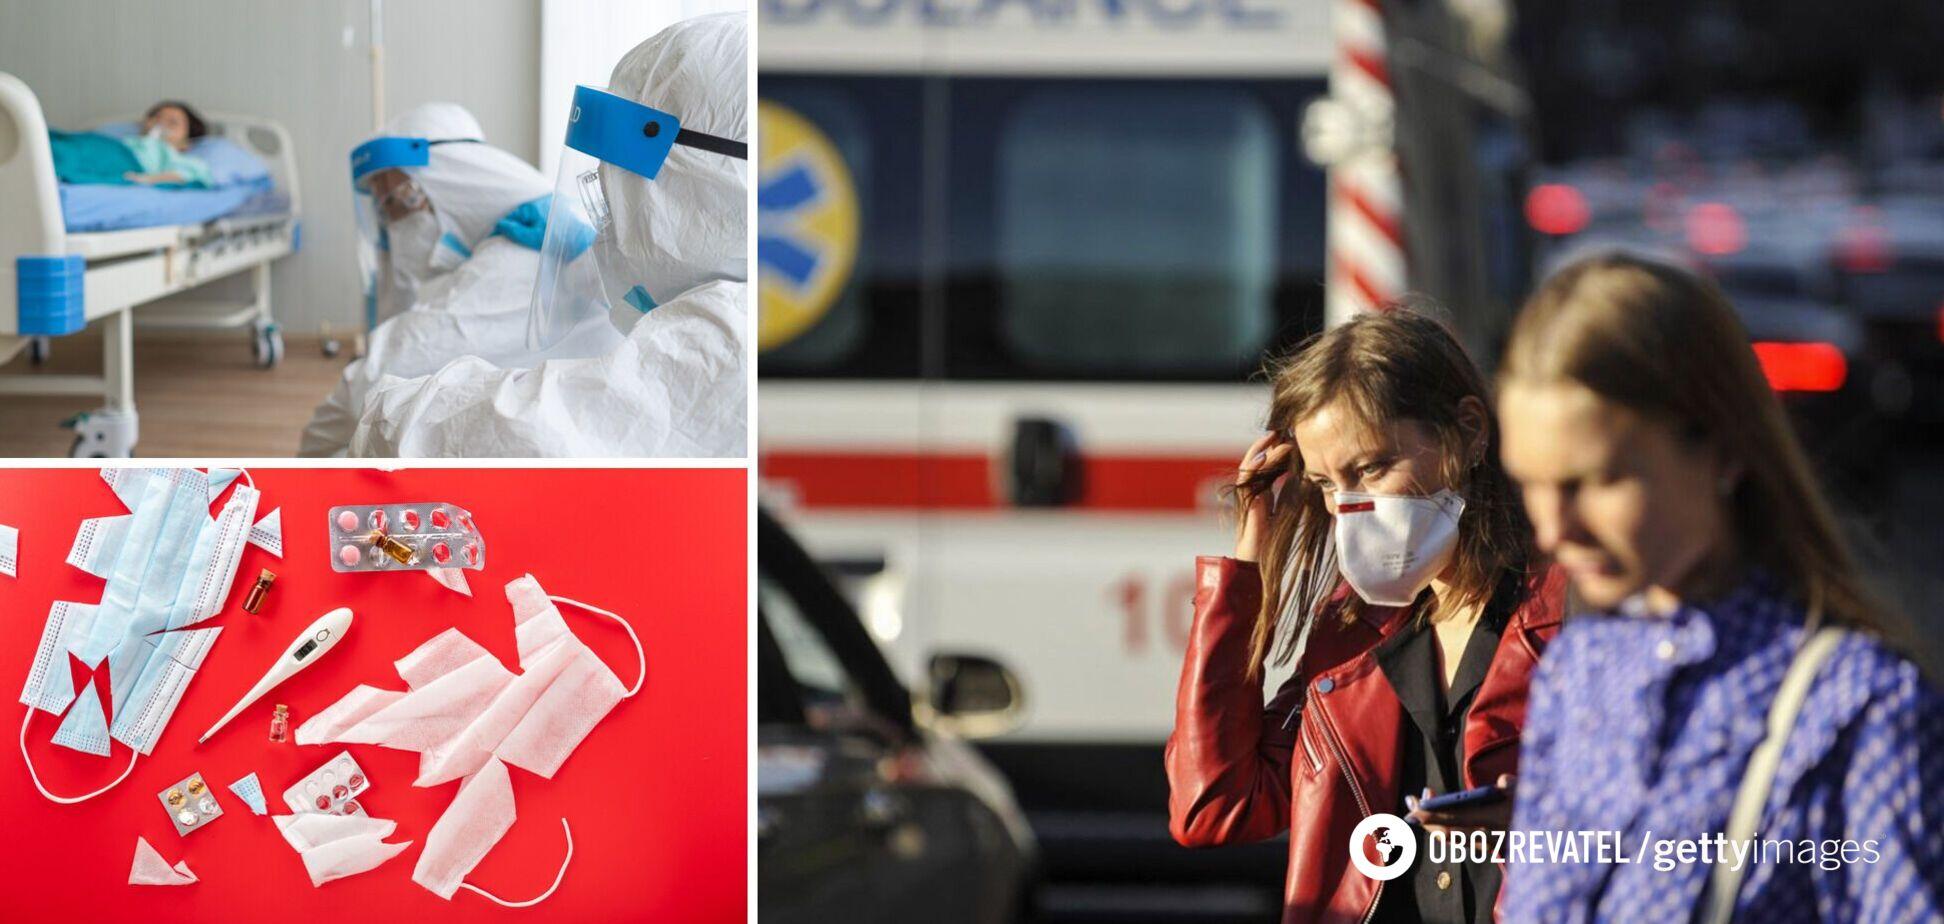 Ученые спрогнозировали новый всплеск заболеваемости СOVID-19 в Украине: в каких областях ситуация хуже всего